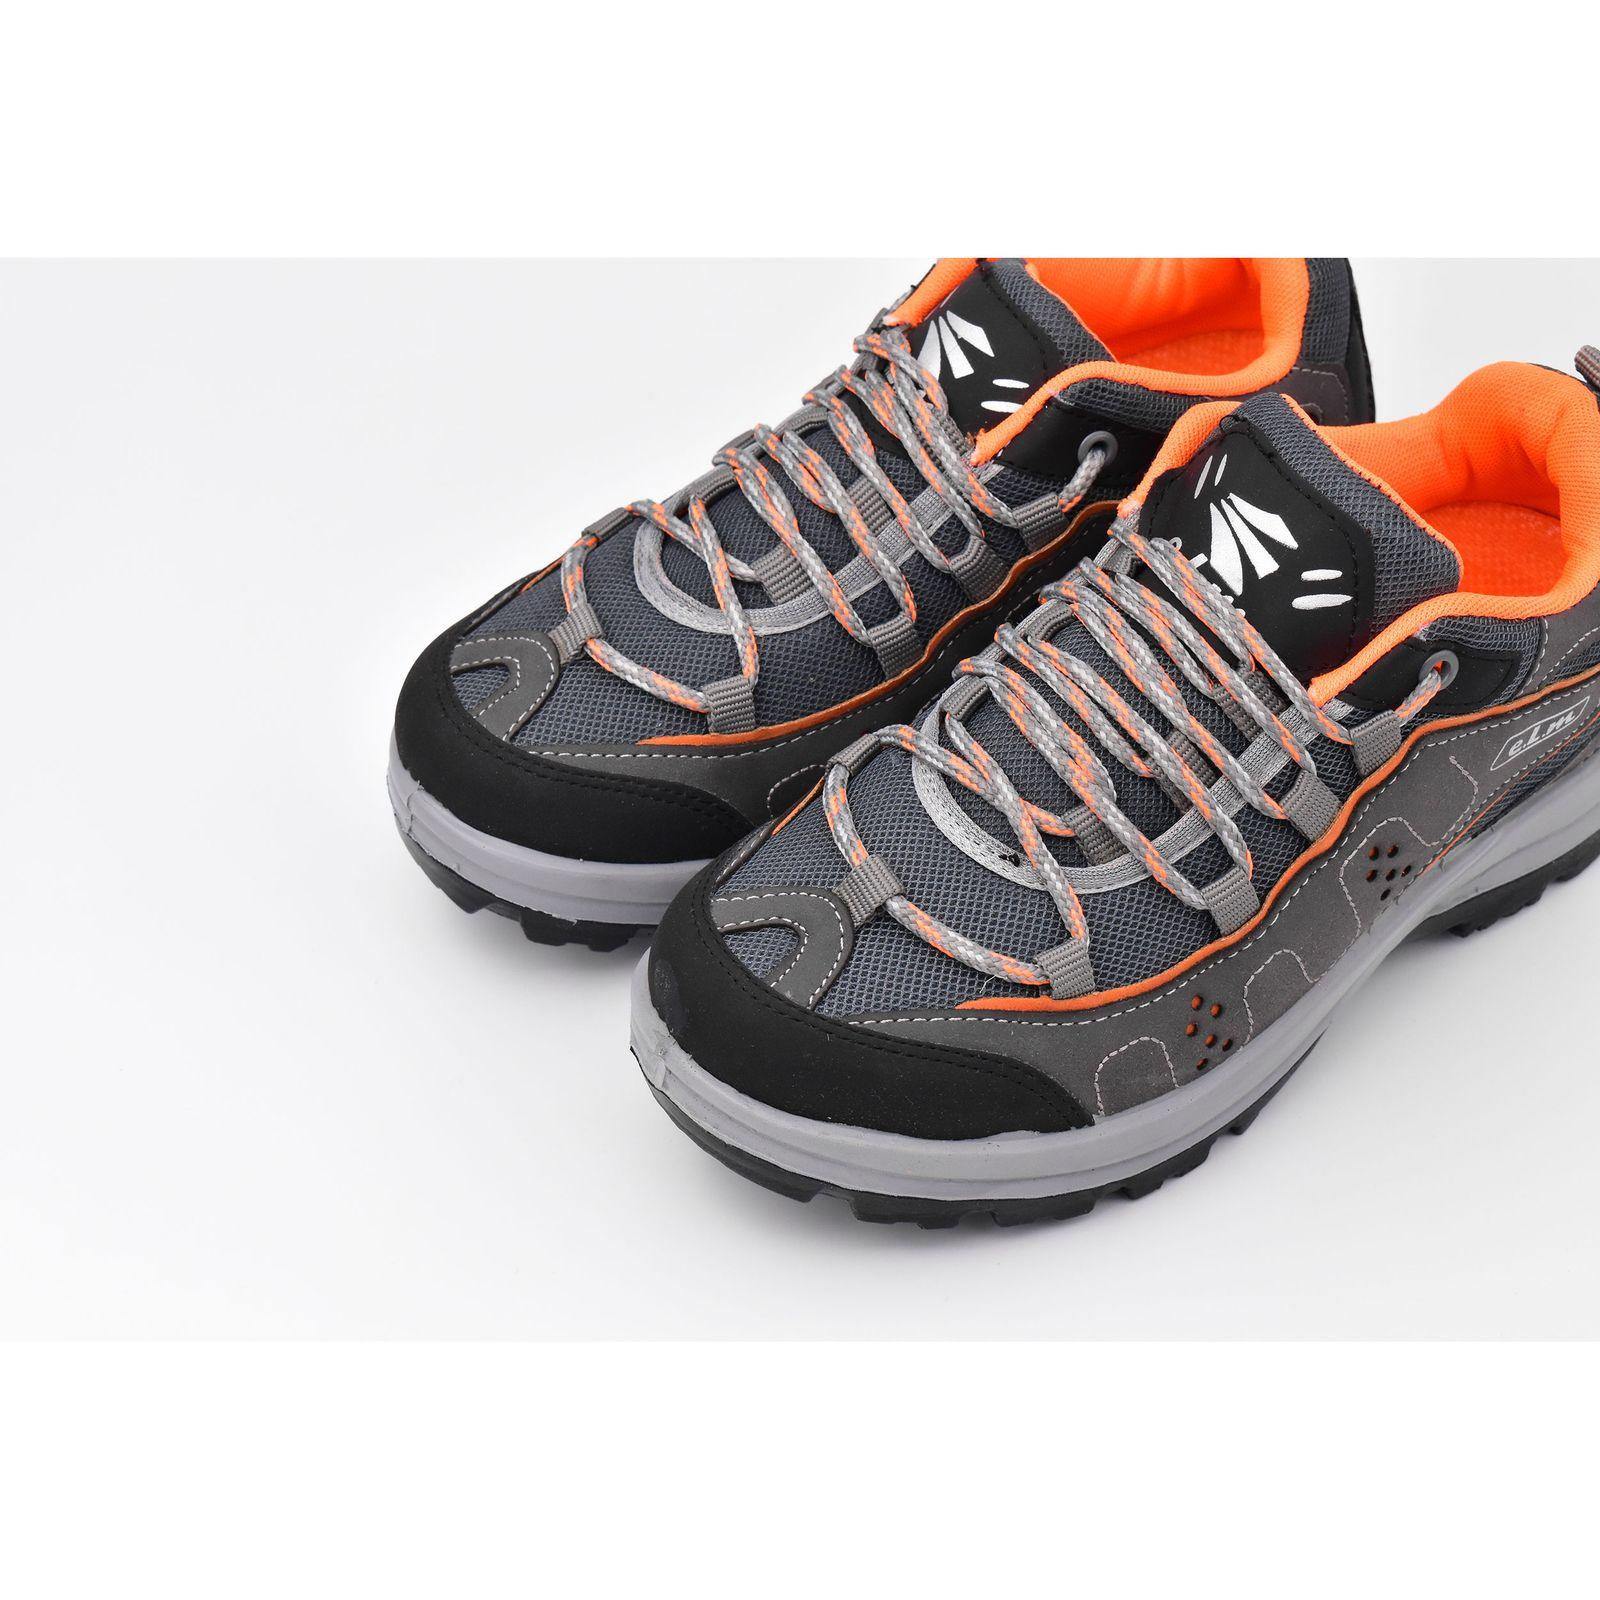 کفش پیاده روی زنانه ای ال ام مدل هامون کد 7724 -  - 5